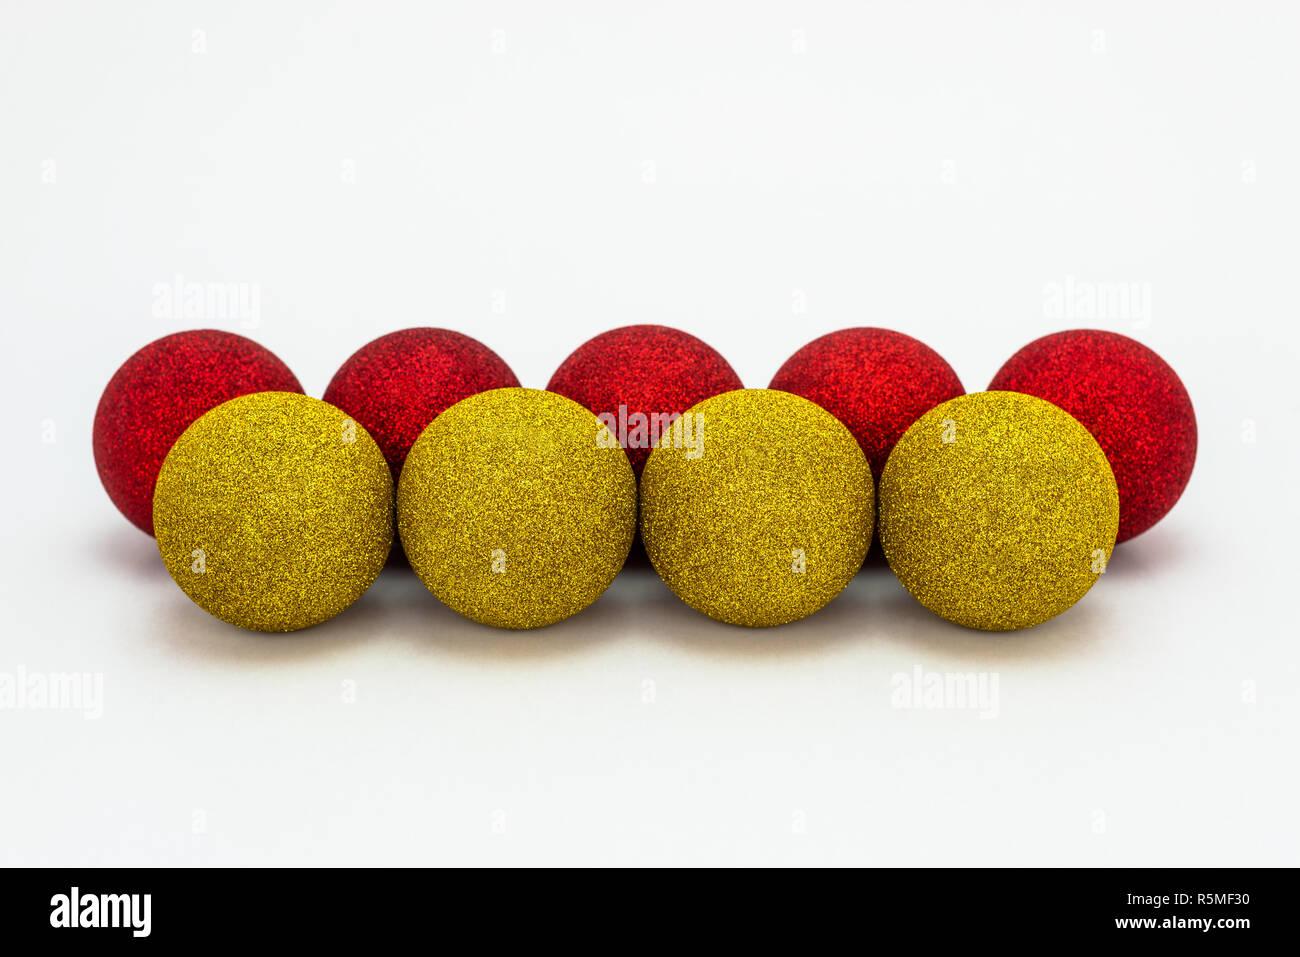 Christbaumkugeln Gelb.Fünf Roten Und Vier Gelbe Christbaumkugeln Liegt In Einer Reihe Auf